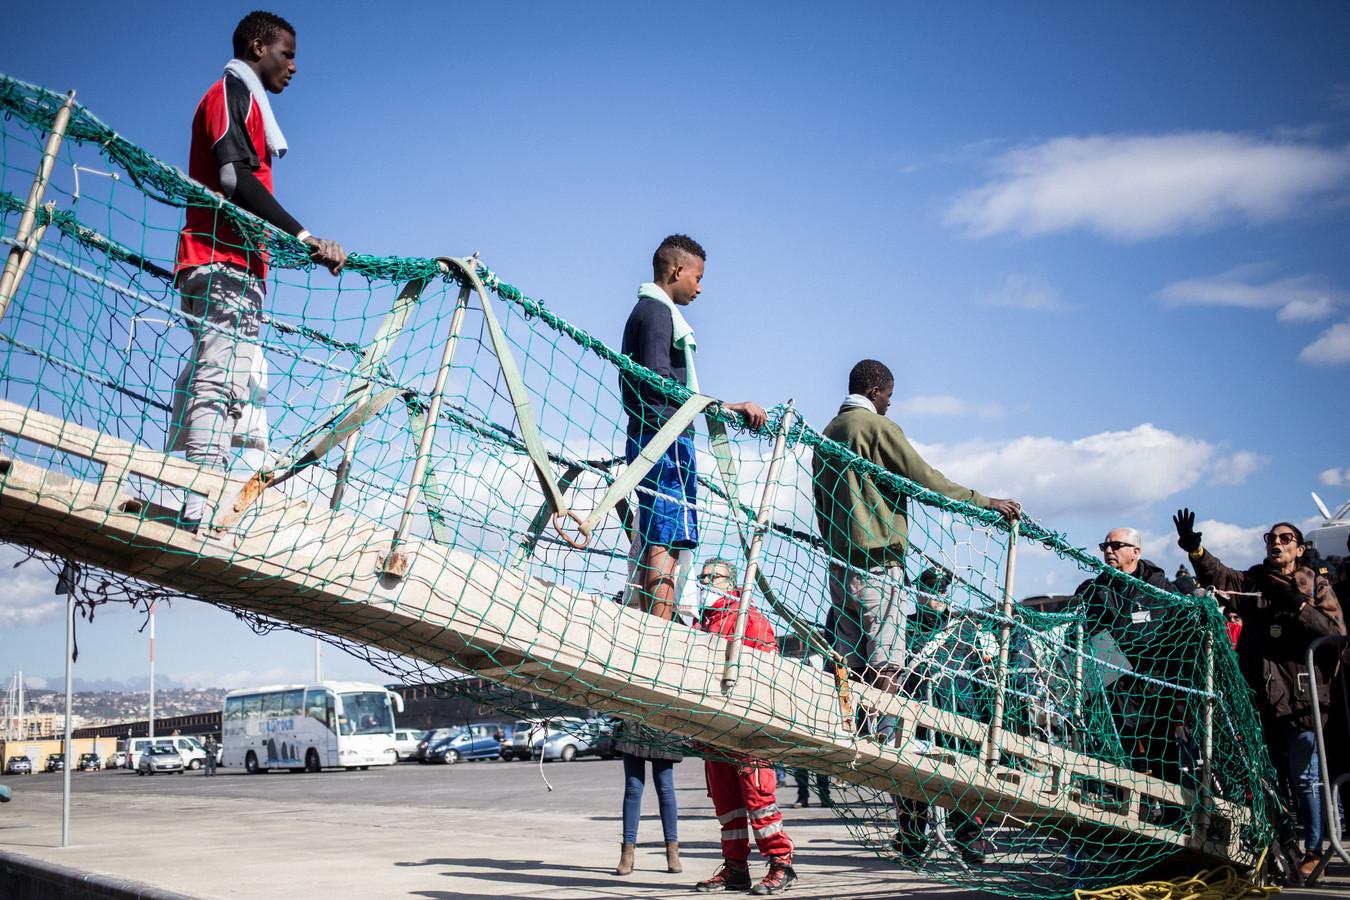 De migranten mogen van boord.